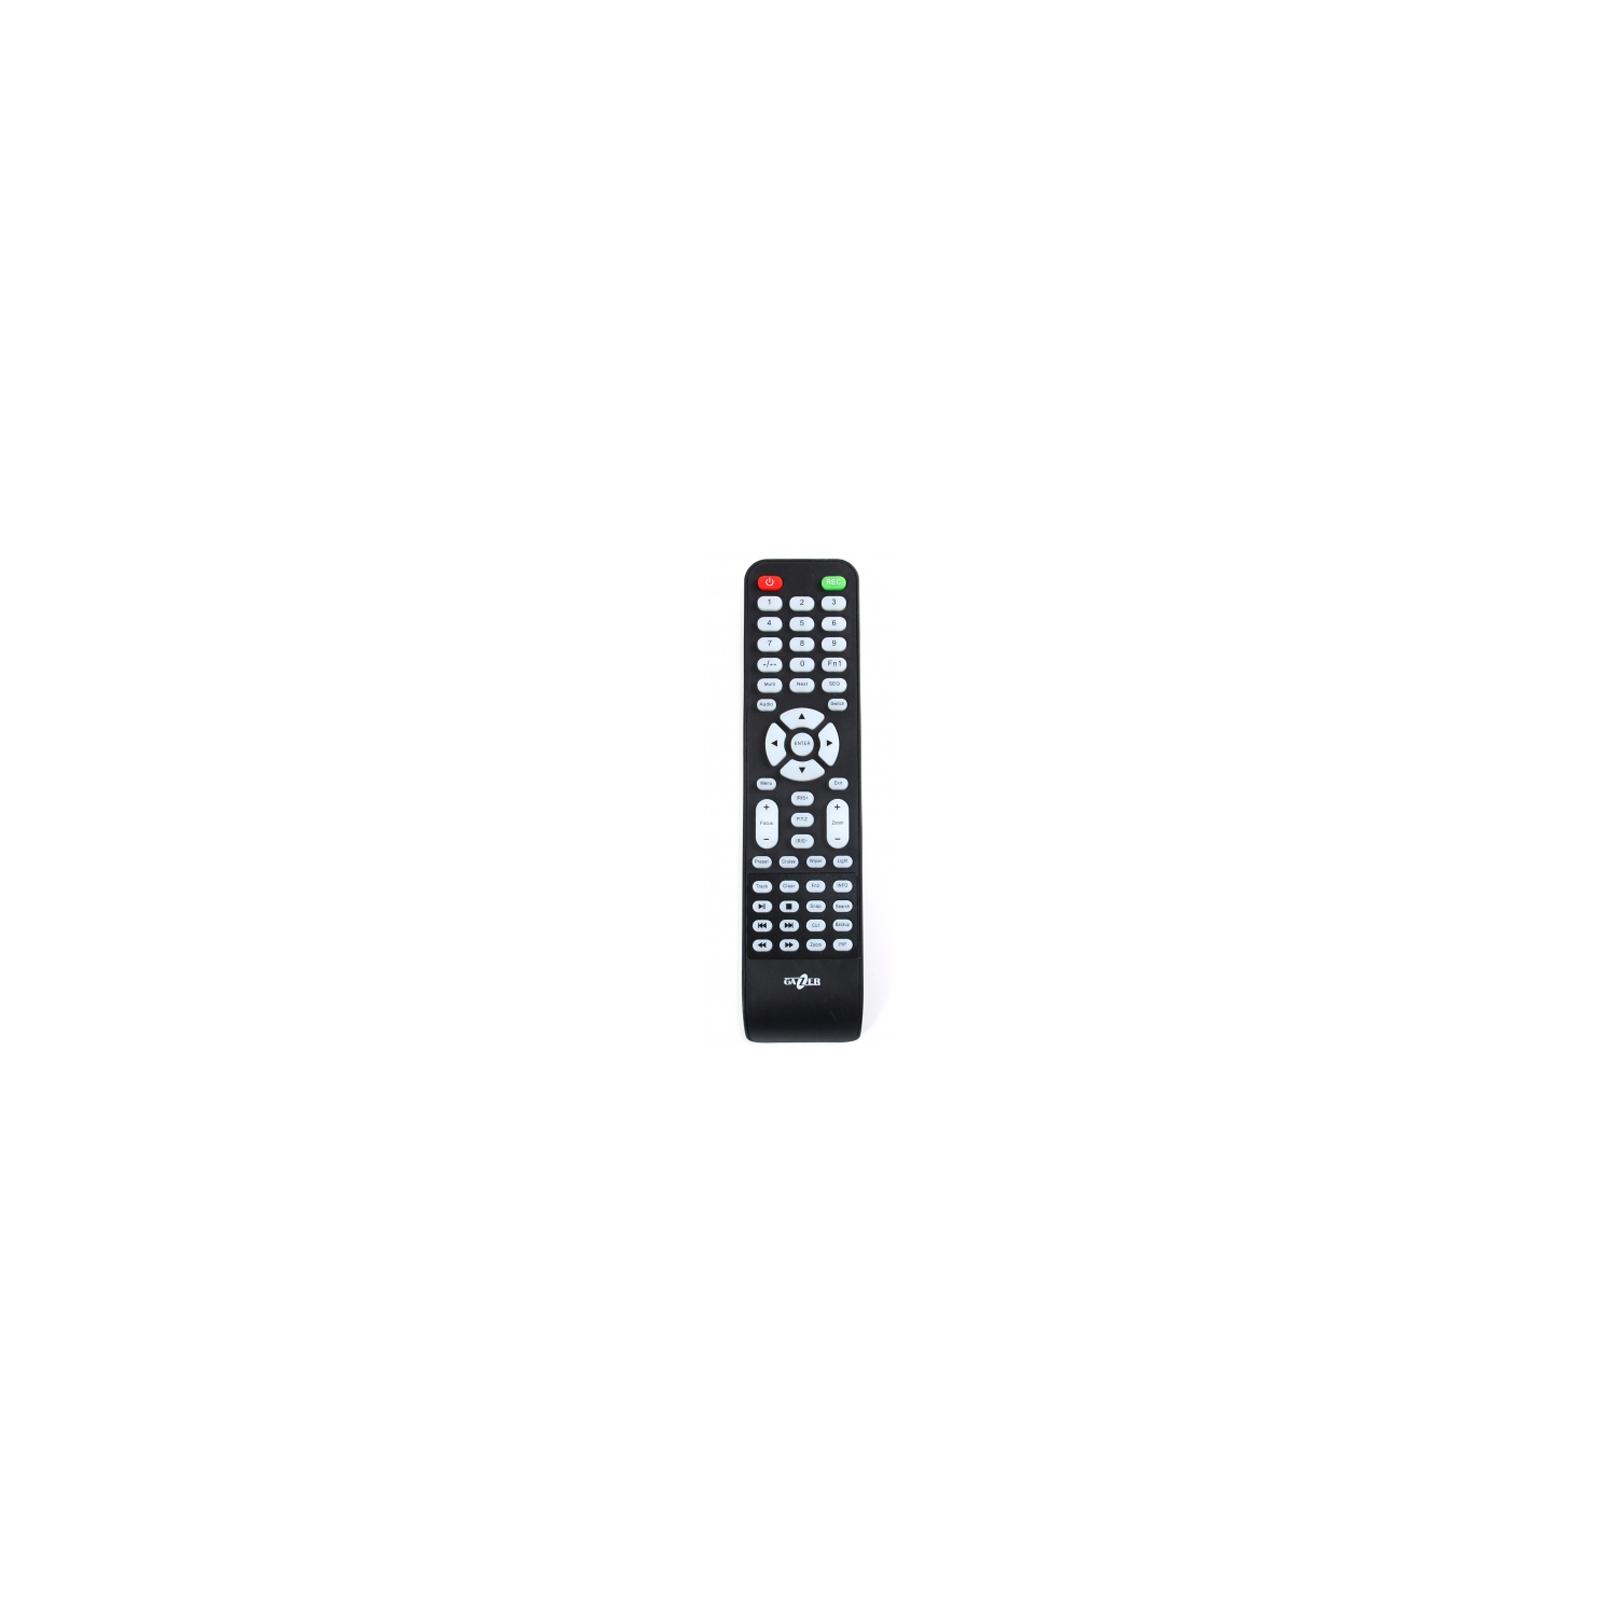 Регистратор для видеонаблюдения Gazer NI404mp изображение 4